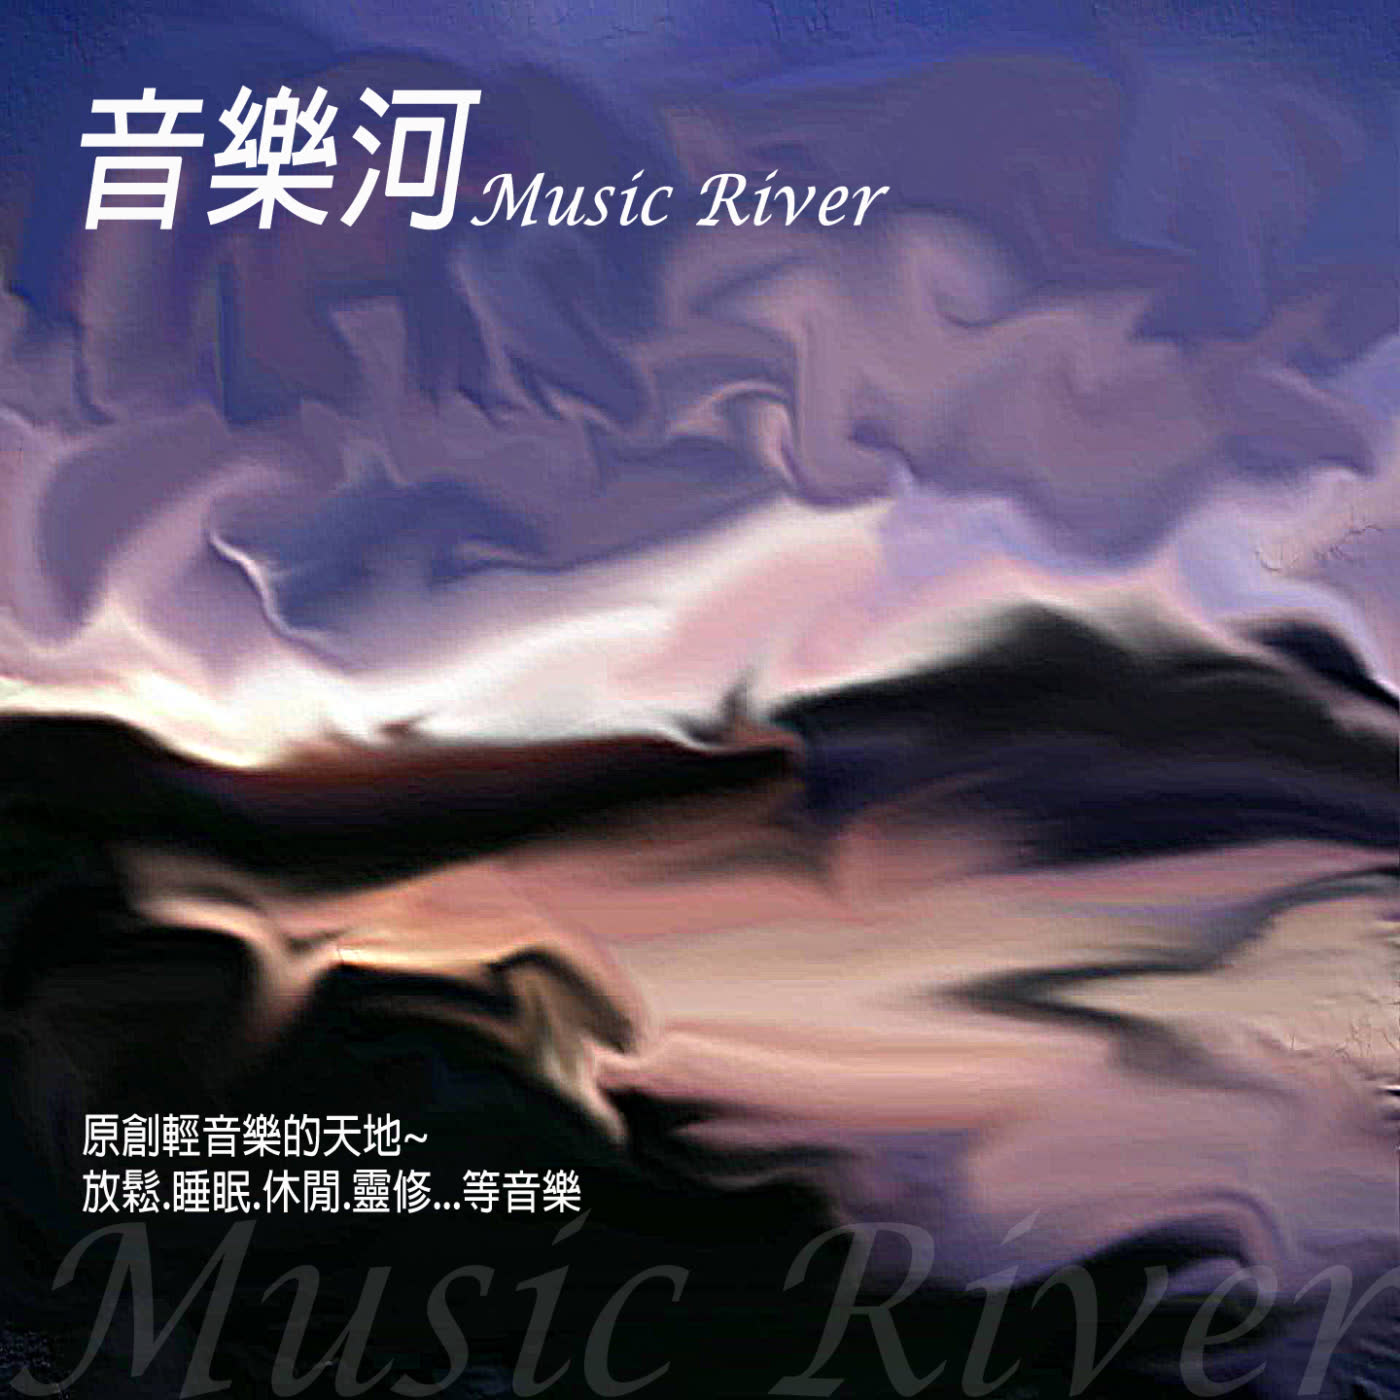 4. 回憶的河流Memories of the river 大自然  放鬆音樂 睡眠 繪畫創作 靈修 默想 閱讀